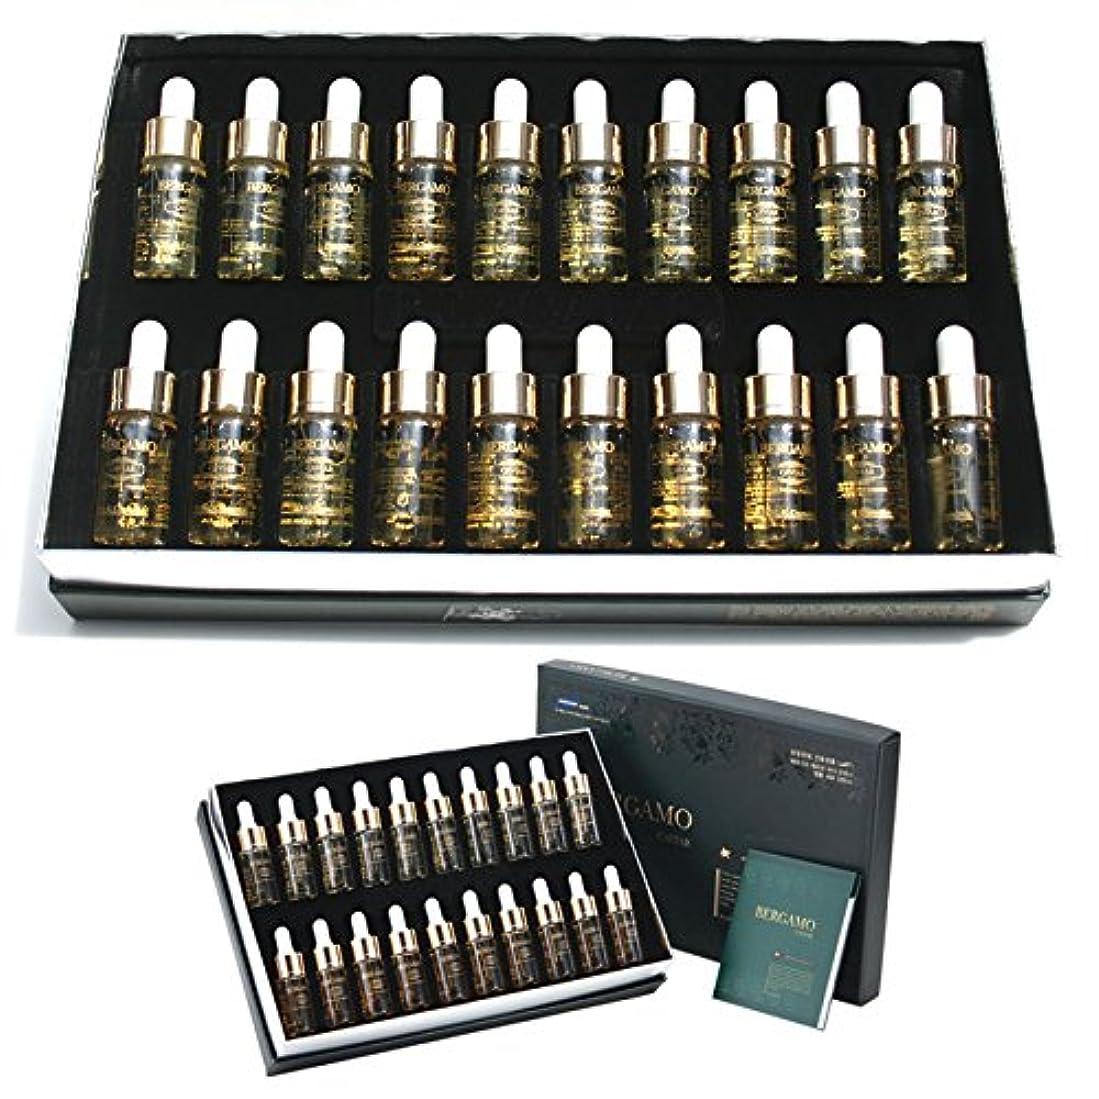 [ベルガモ]Bergamo/キャビア高効力のビタミンアンプルセット13ml * 20ea/Caviar High Potency Vitamin Ampoule Set 13ml * 20ea/韓国化粧品/Korean...